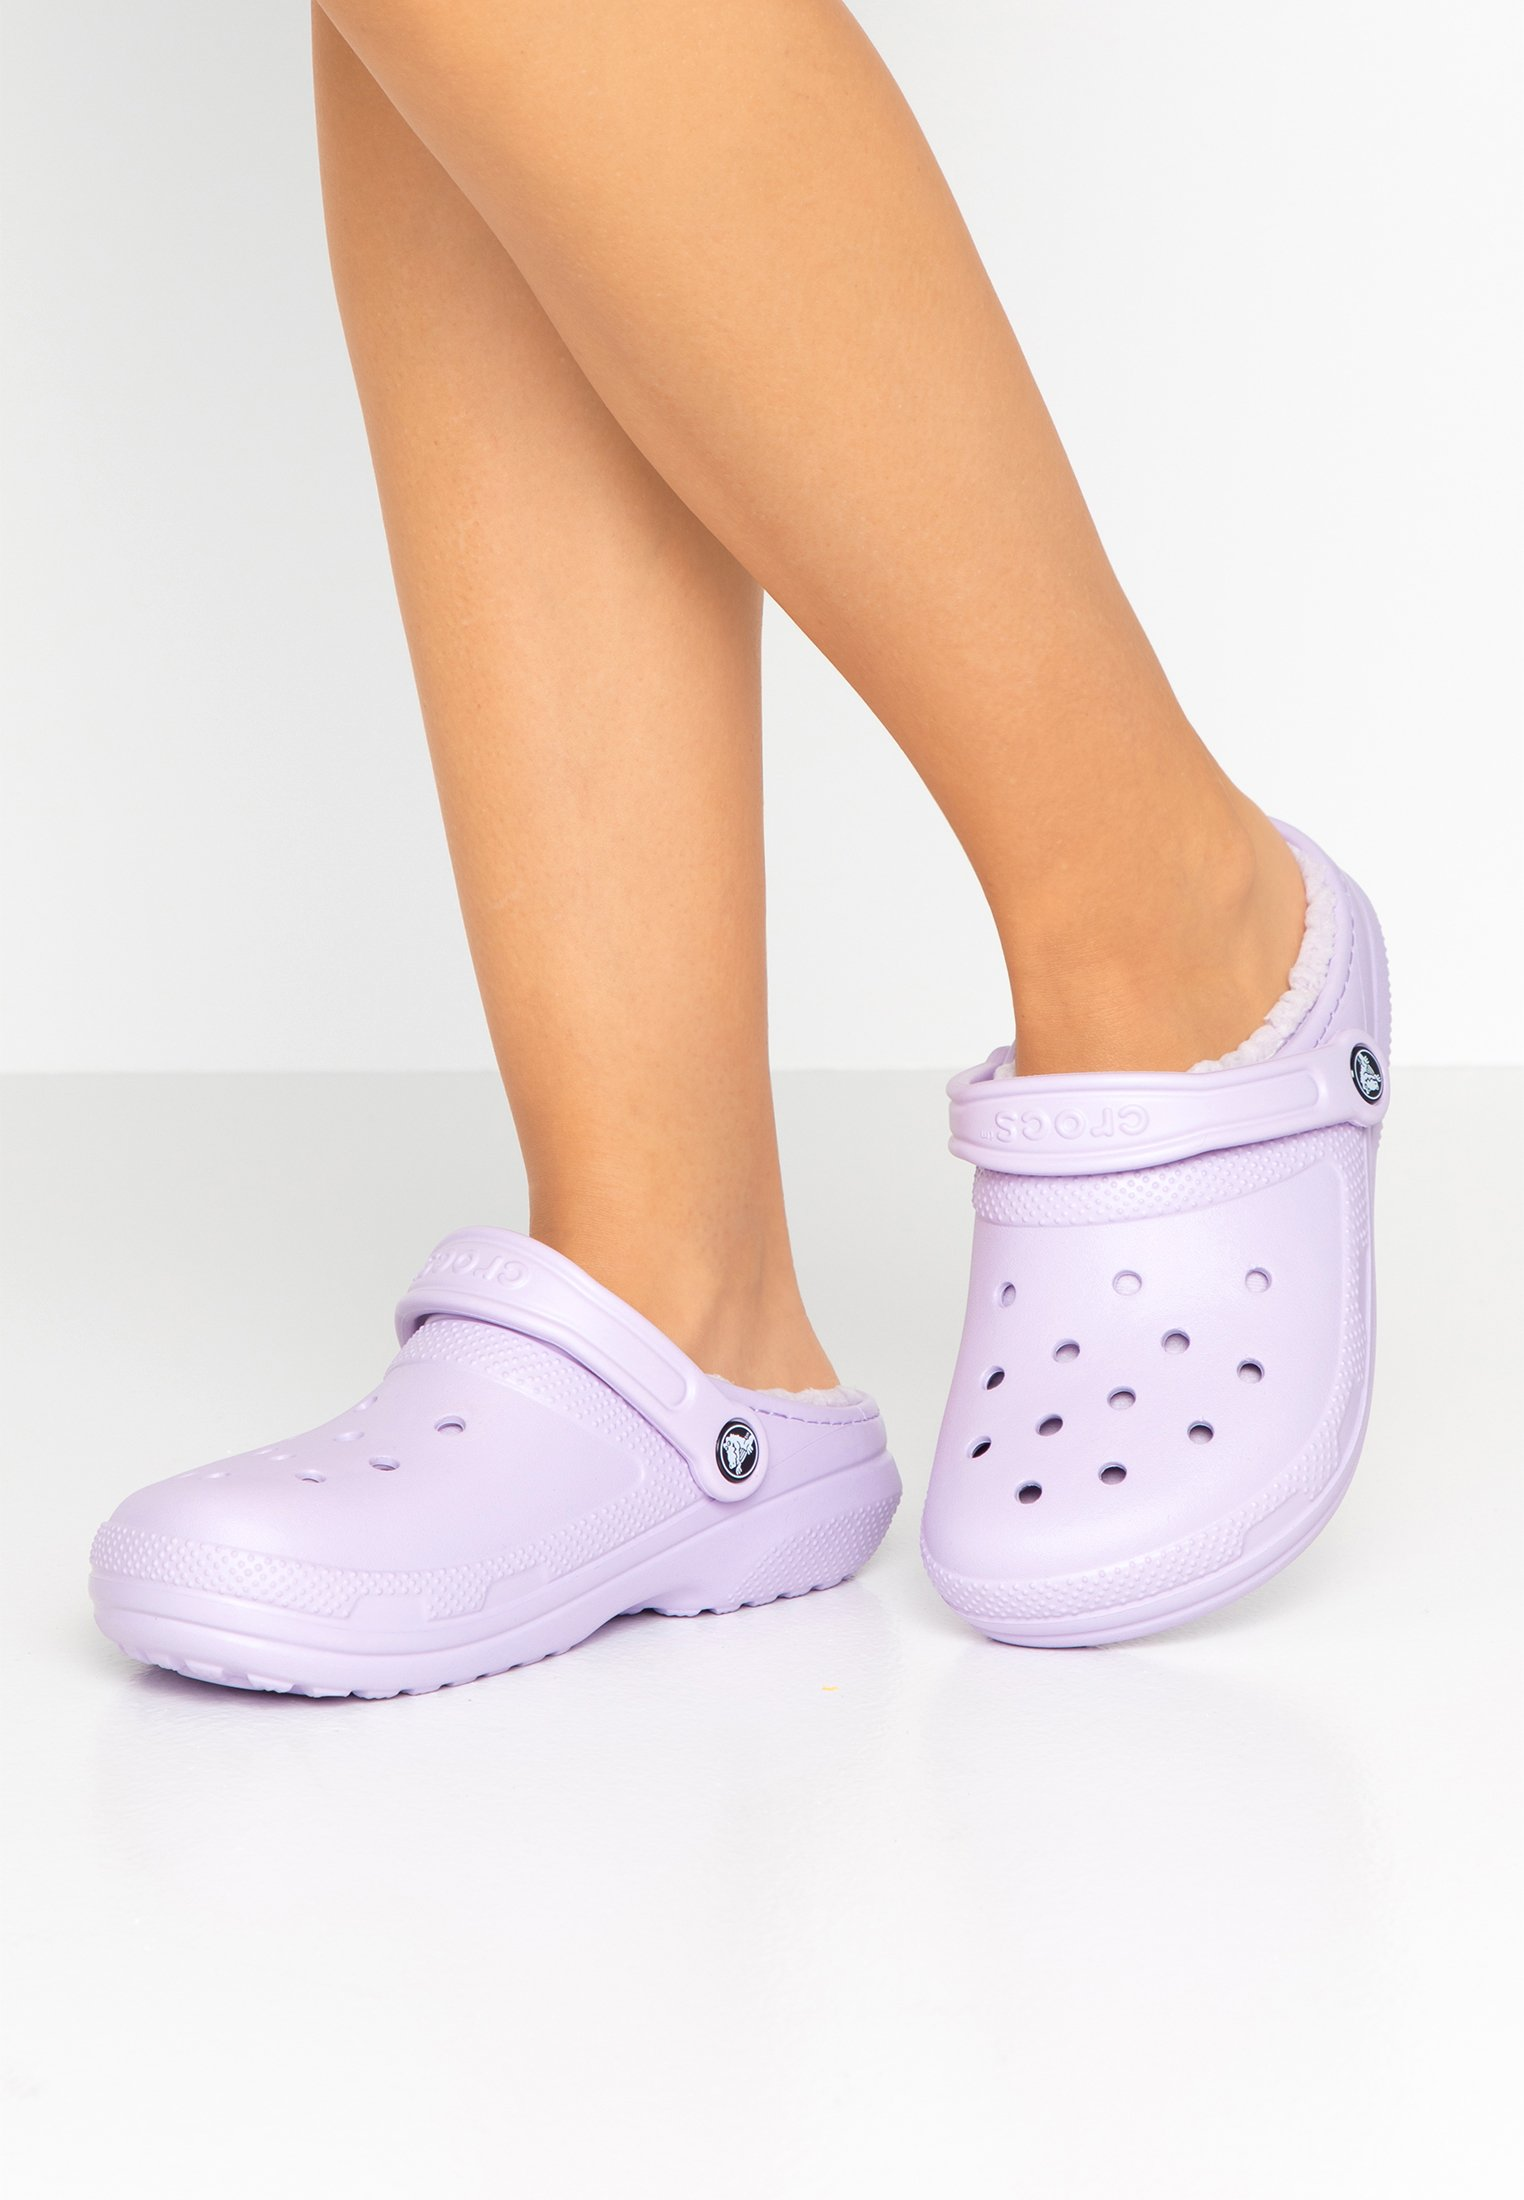 Lavender ClassicChaussons Crocs Lavender Crocs Crocs ClassicChaussons ClassicChaussons BrdCxWoe